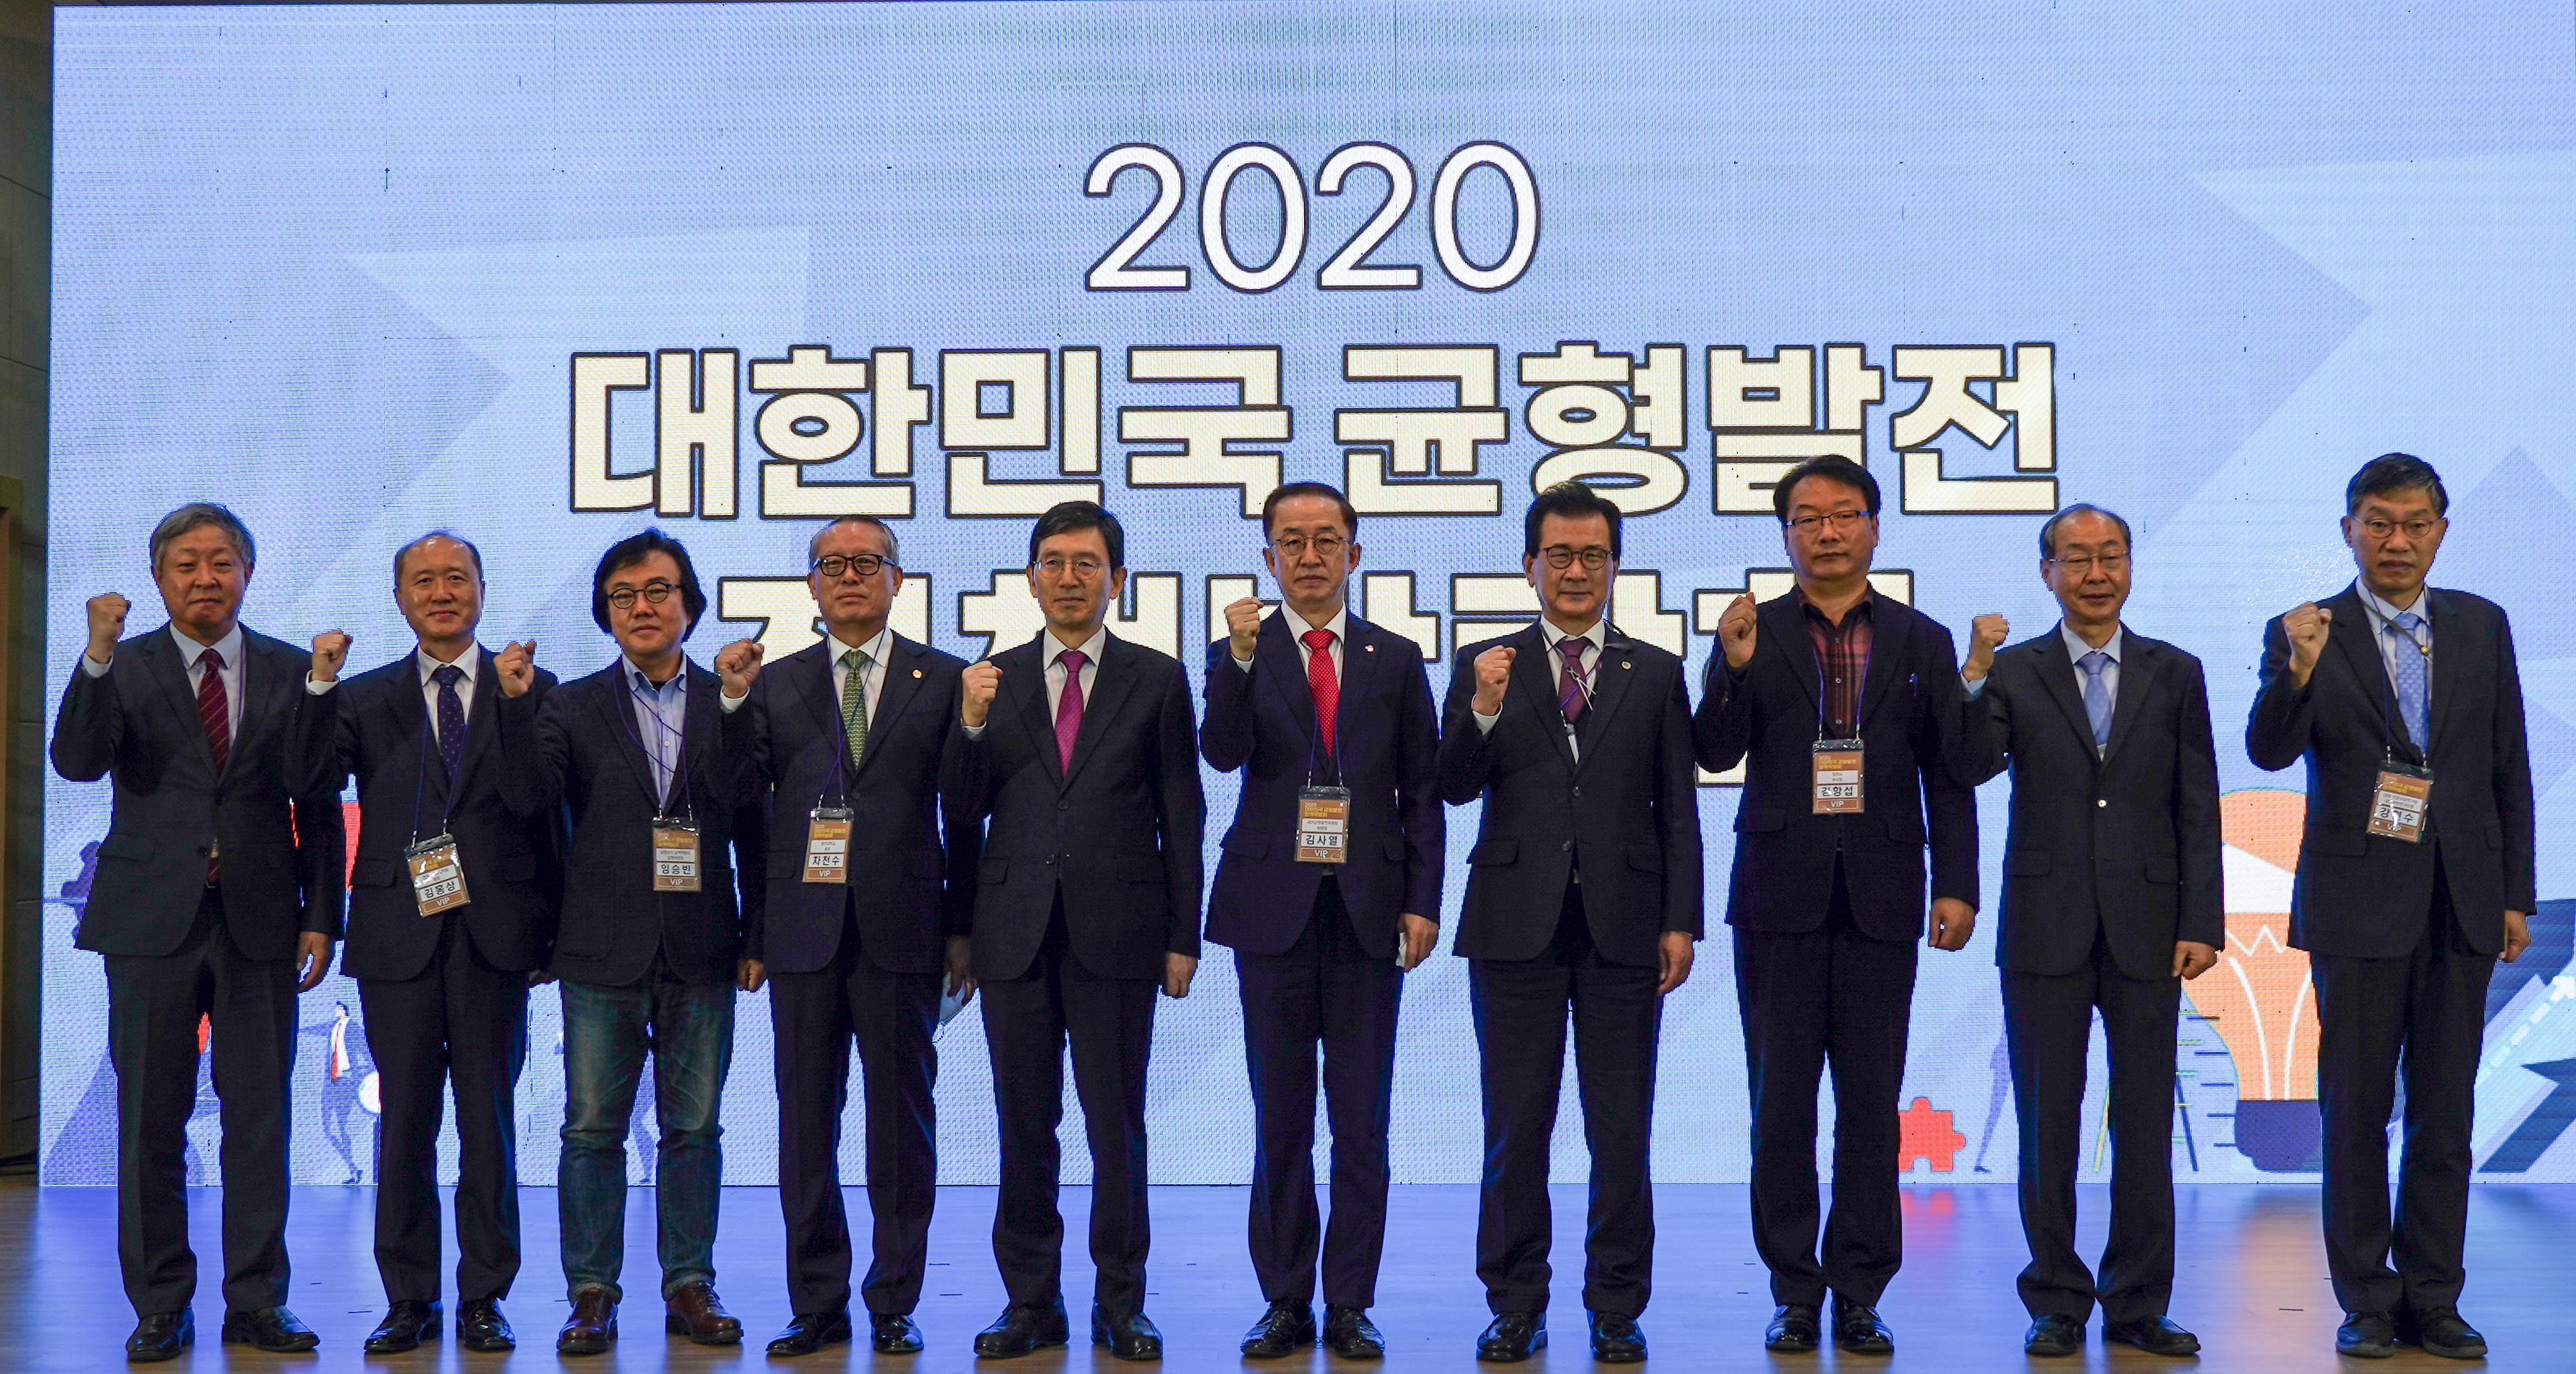 균형위, 2020 균형발전 정책박람회 사진